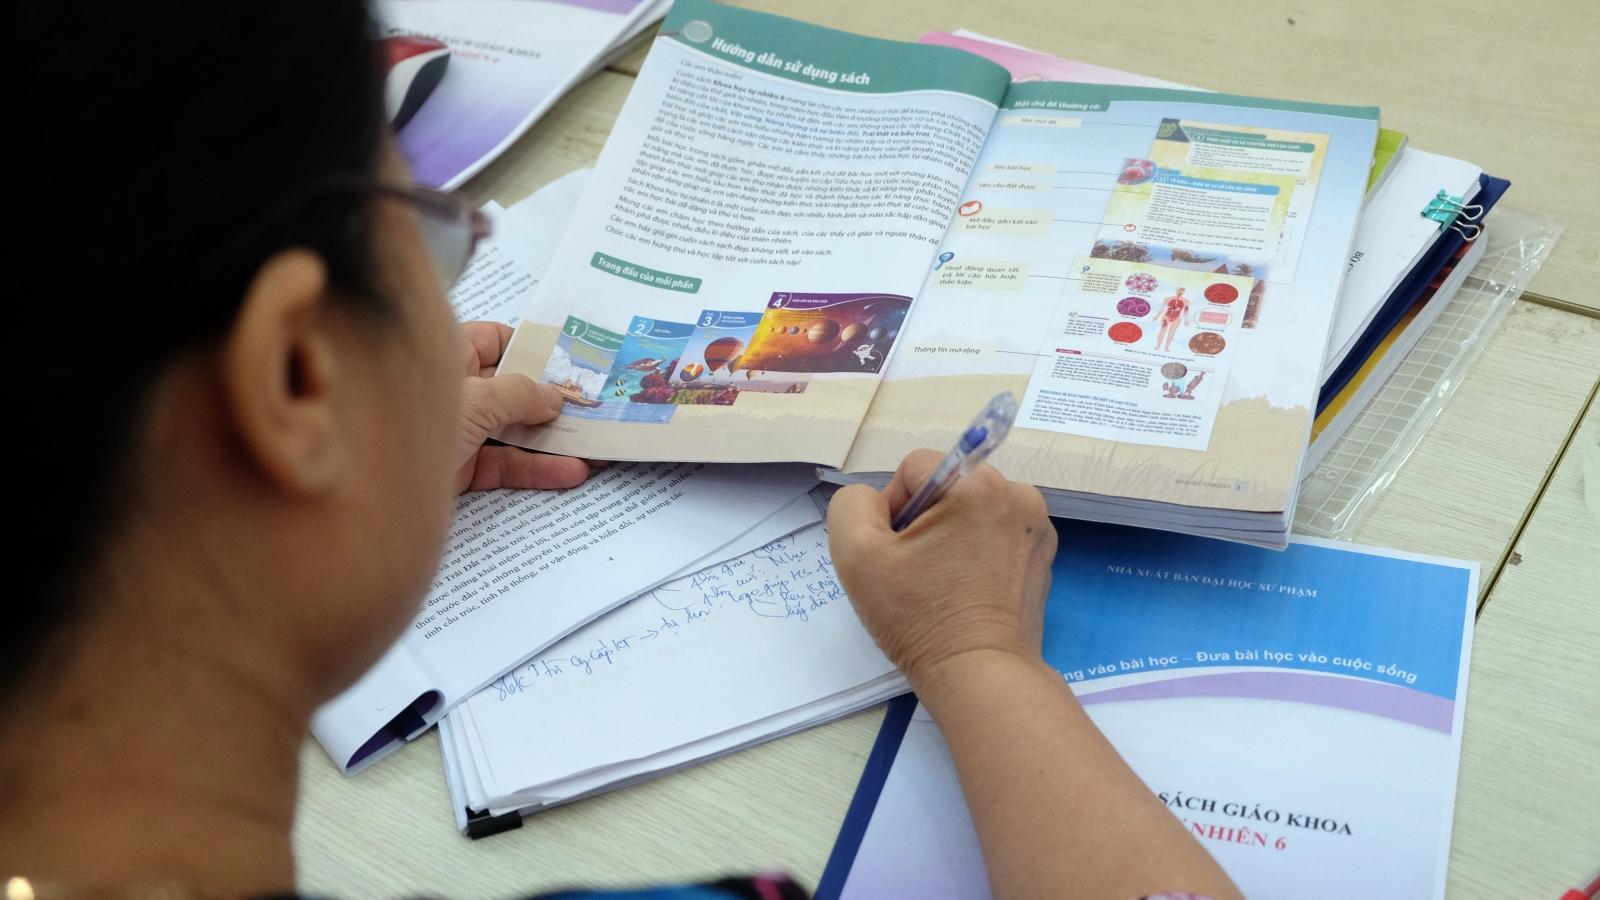 Ai sẽ tham gia thẩm định sách giáo khoa mới lớp 6?